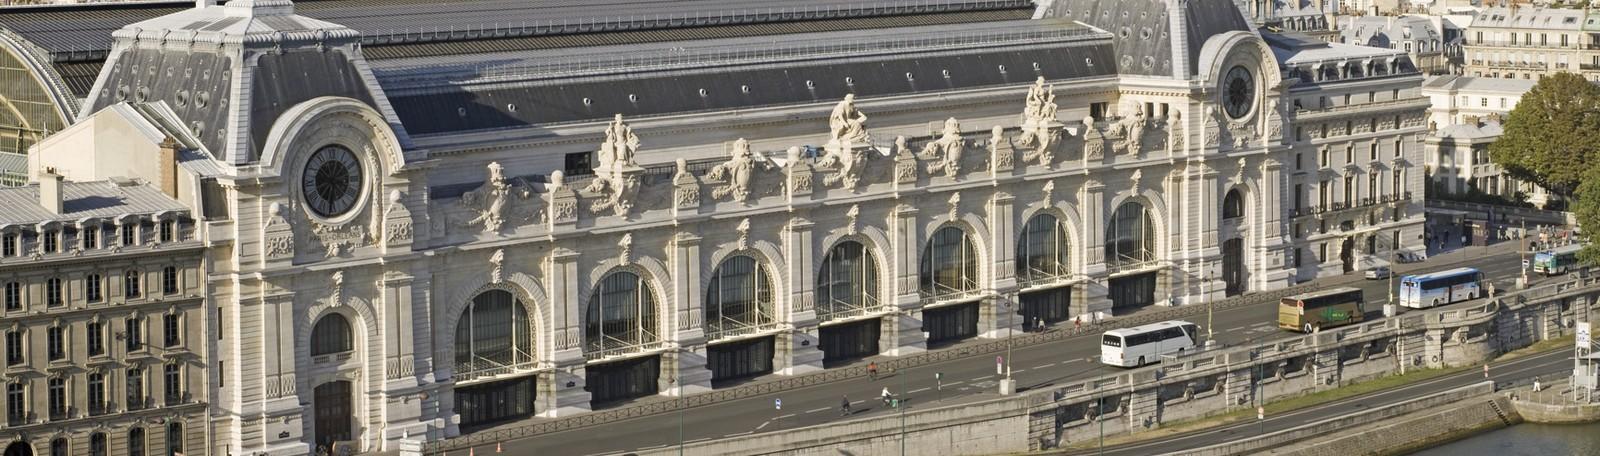 Car Park Paris Musée d'Orsay